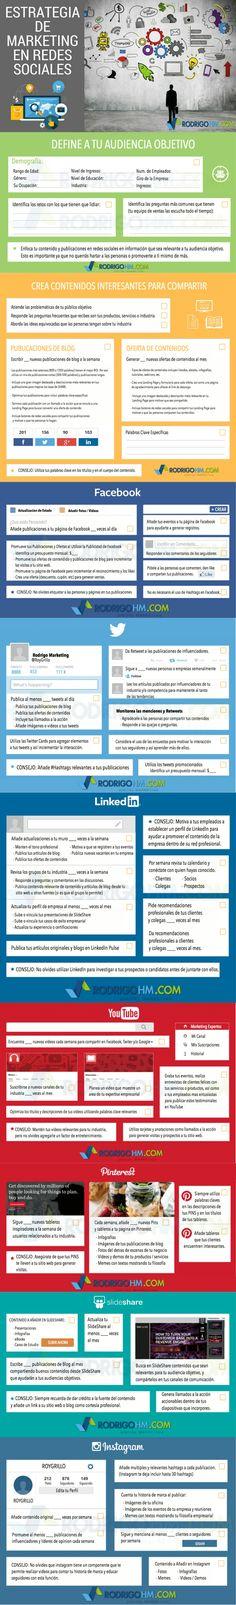 Estrategia de marketing en redes sociales... #SocialMediaOP #Marketing #SocialMedia